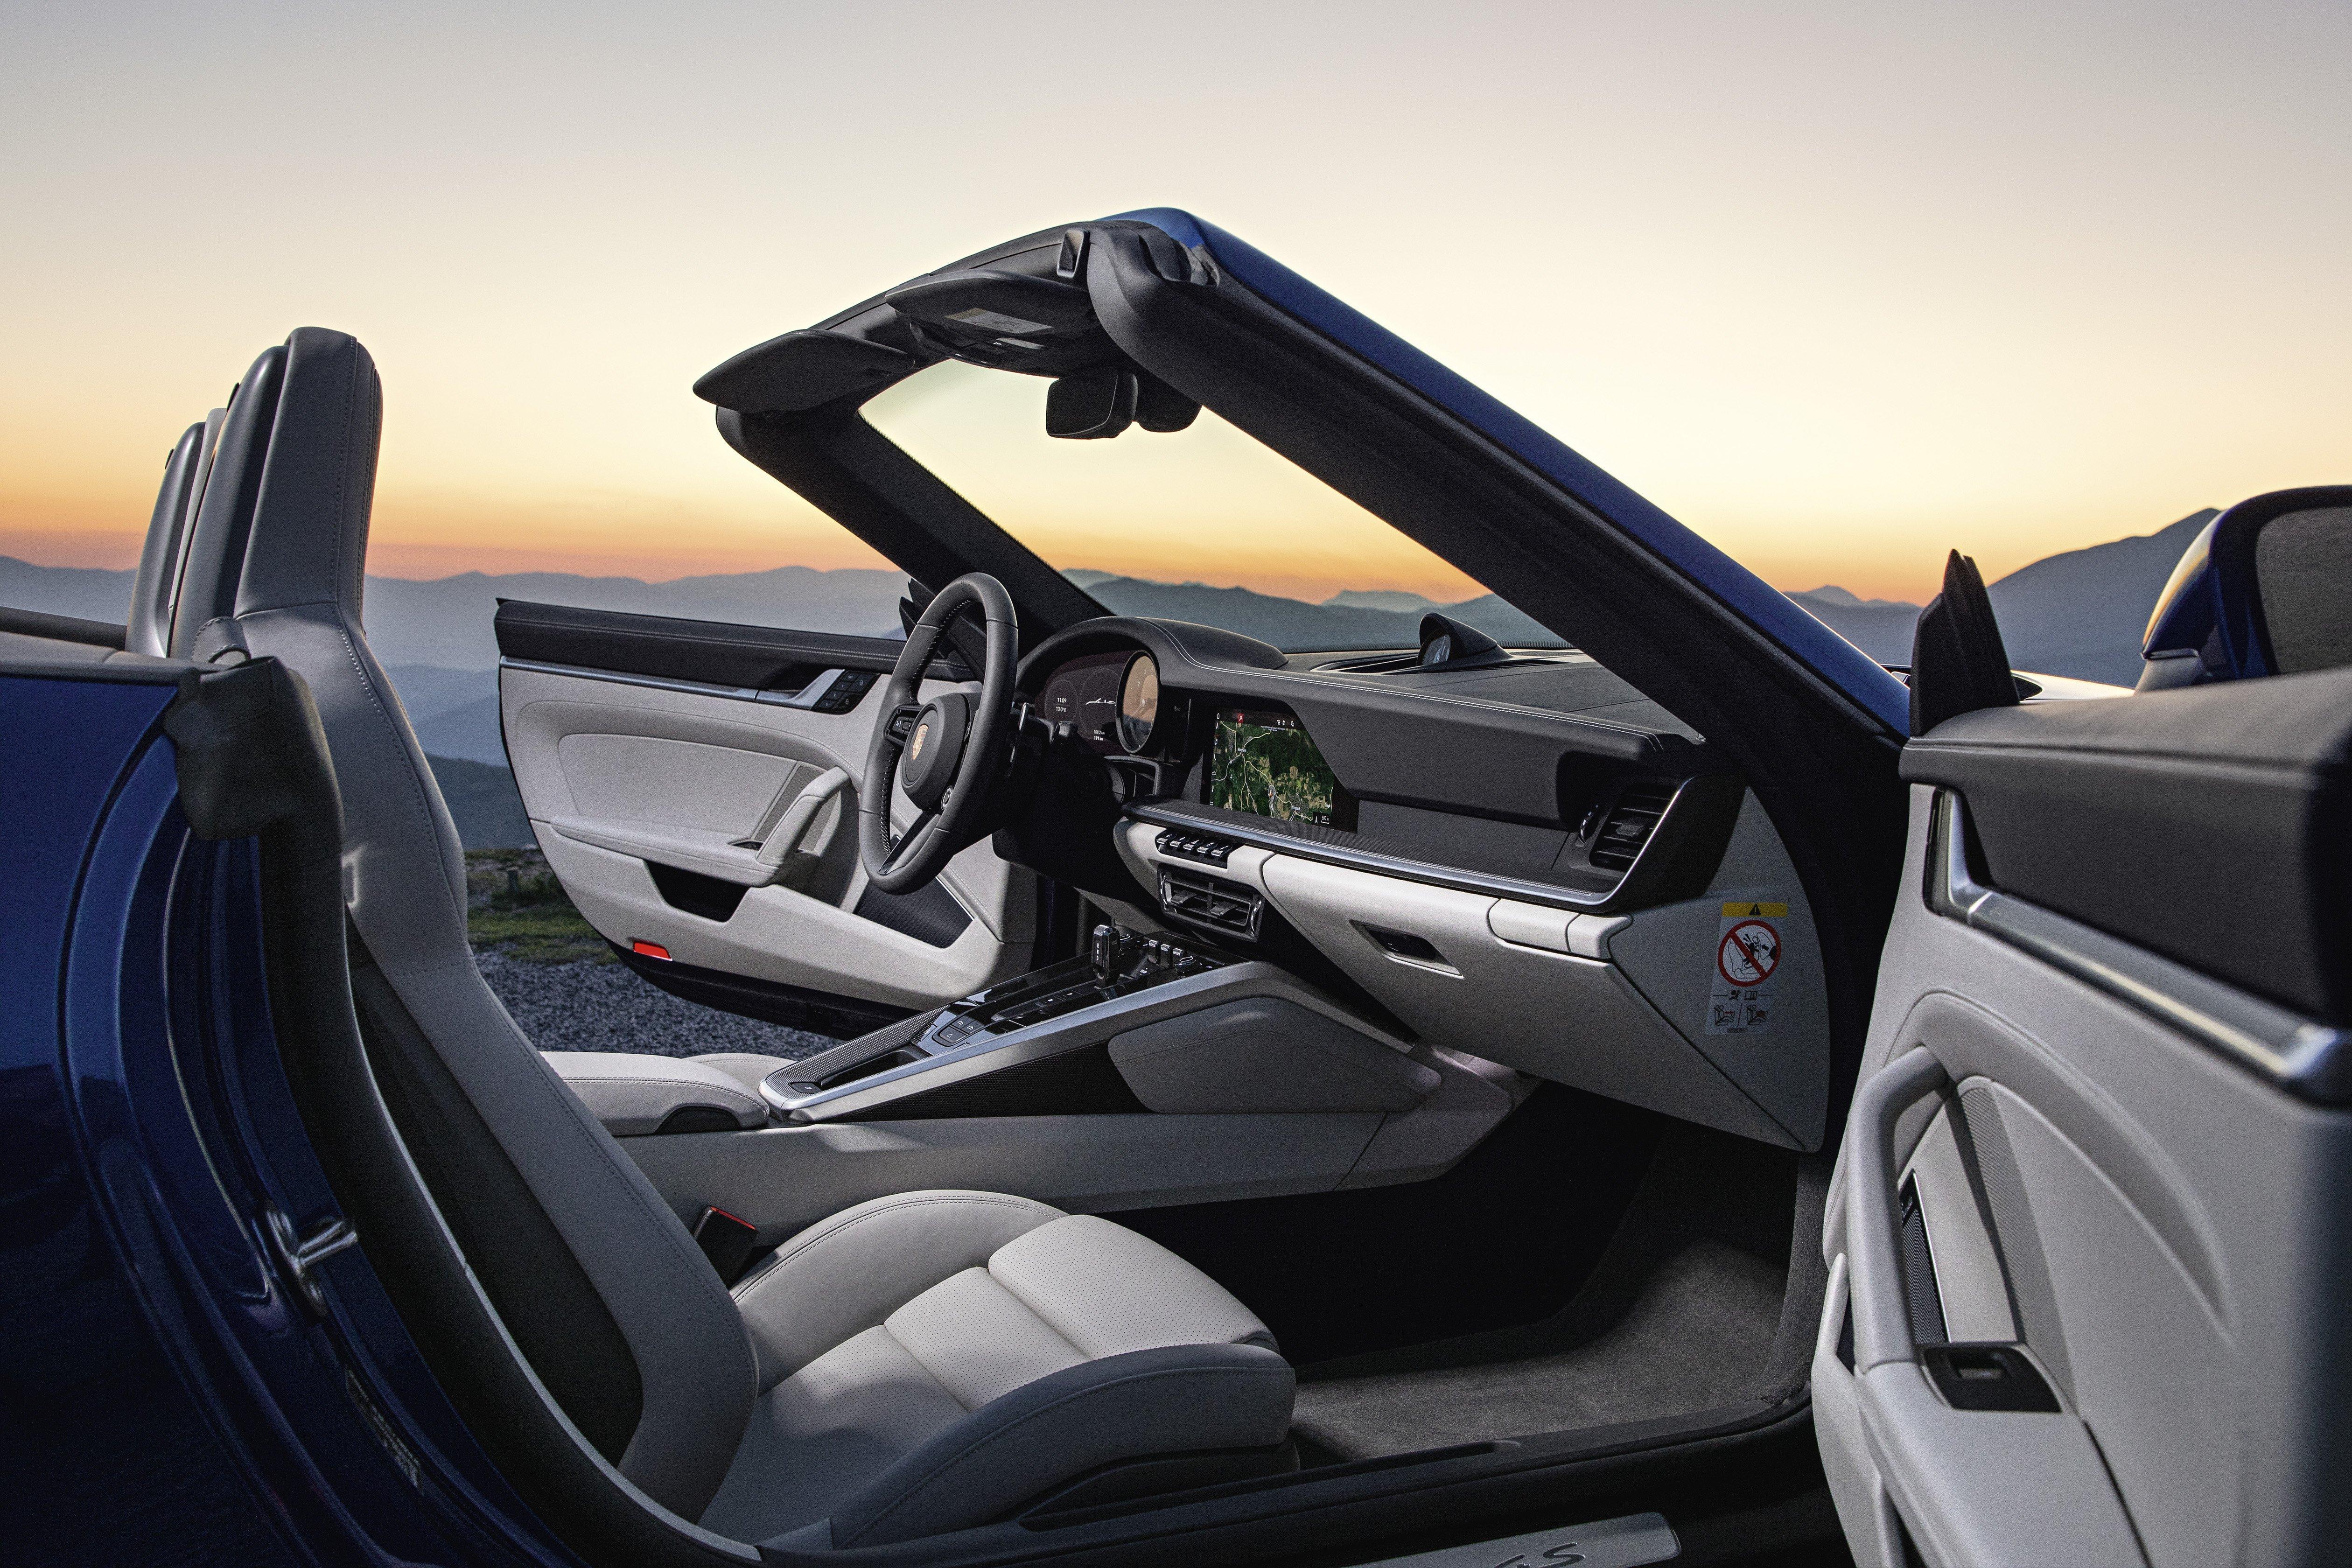 Nuova 911 cabriolet gli interni